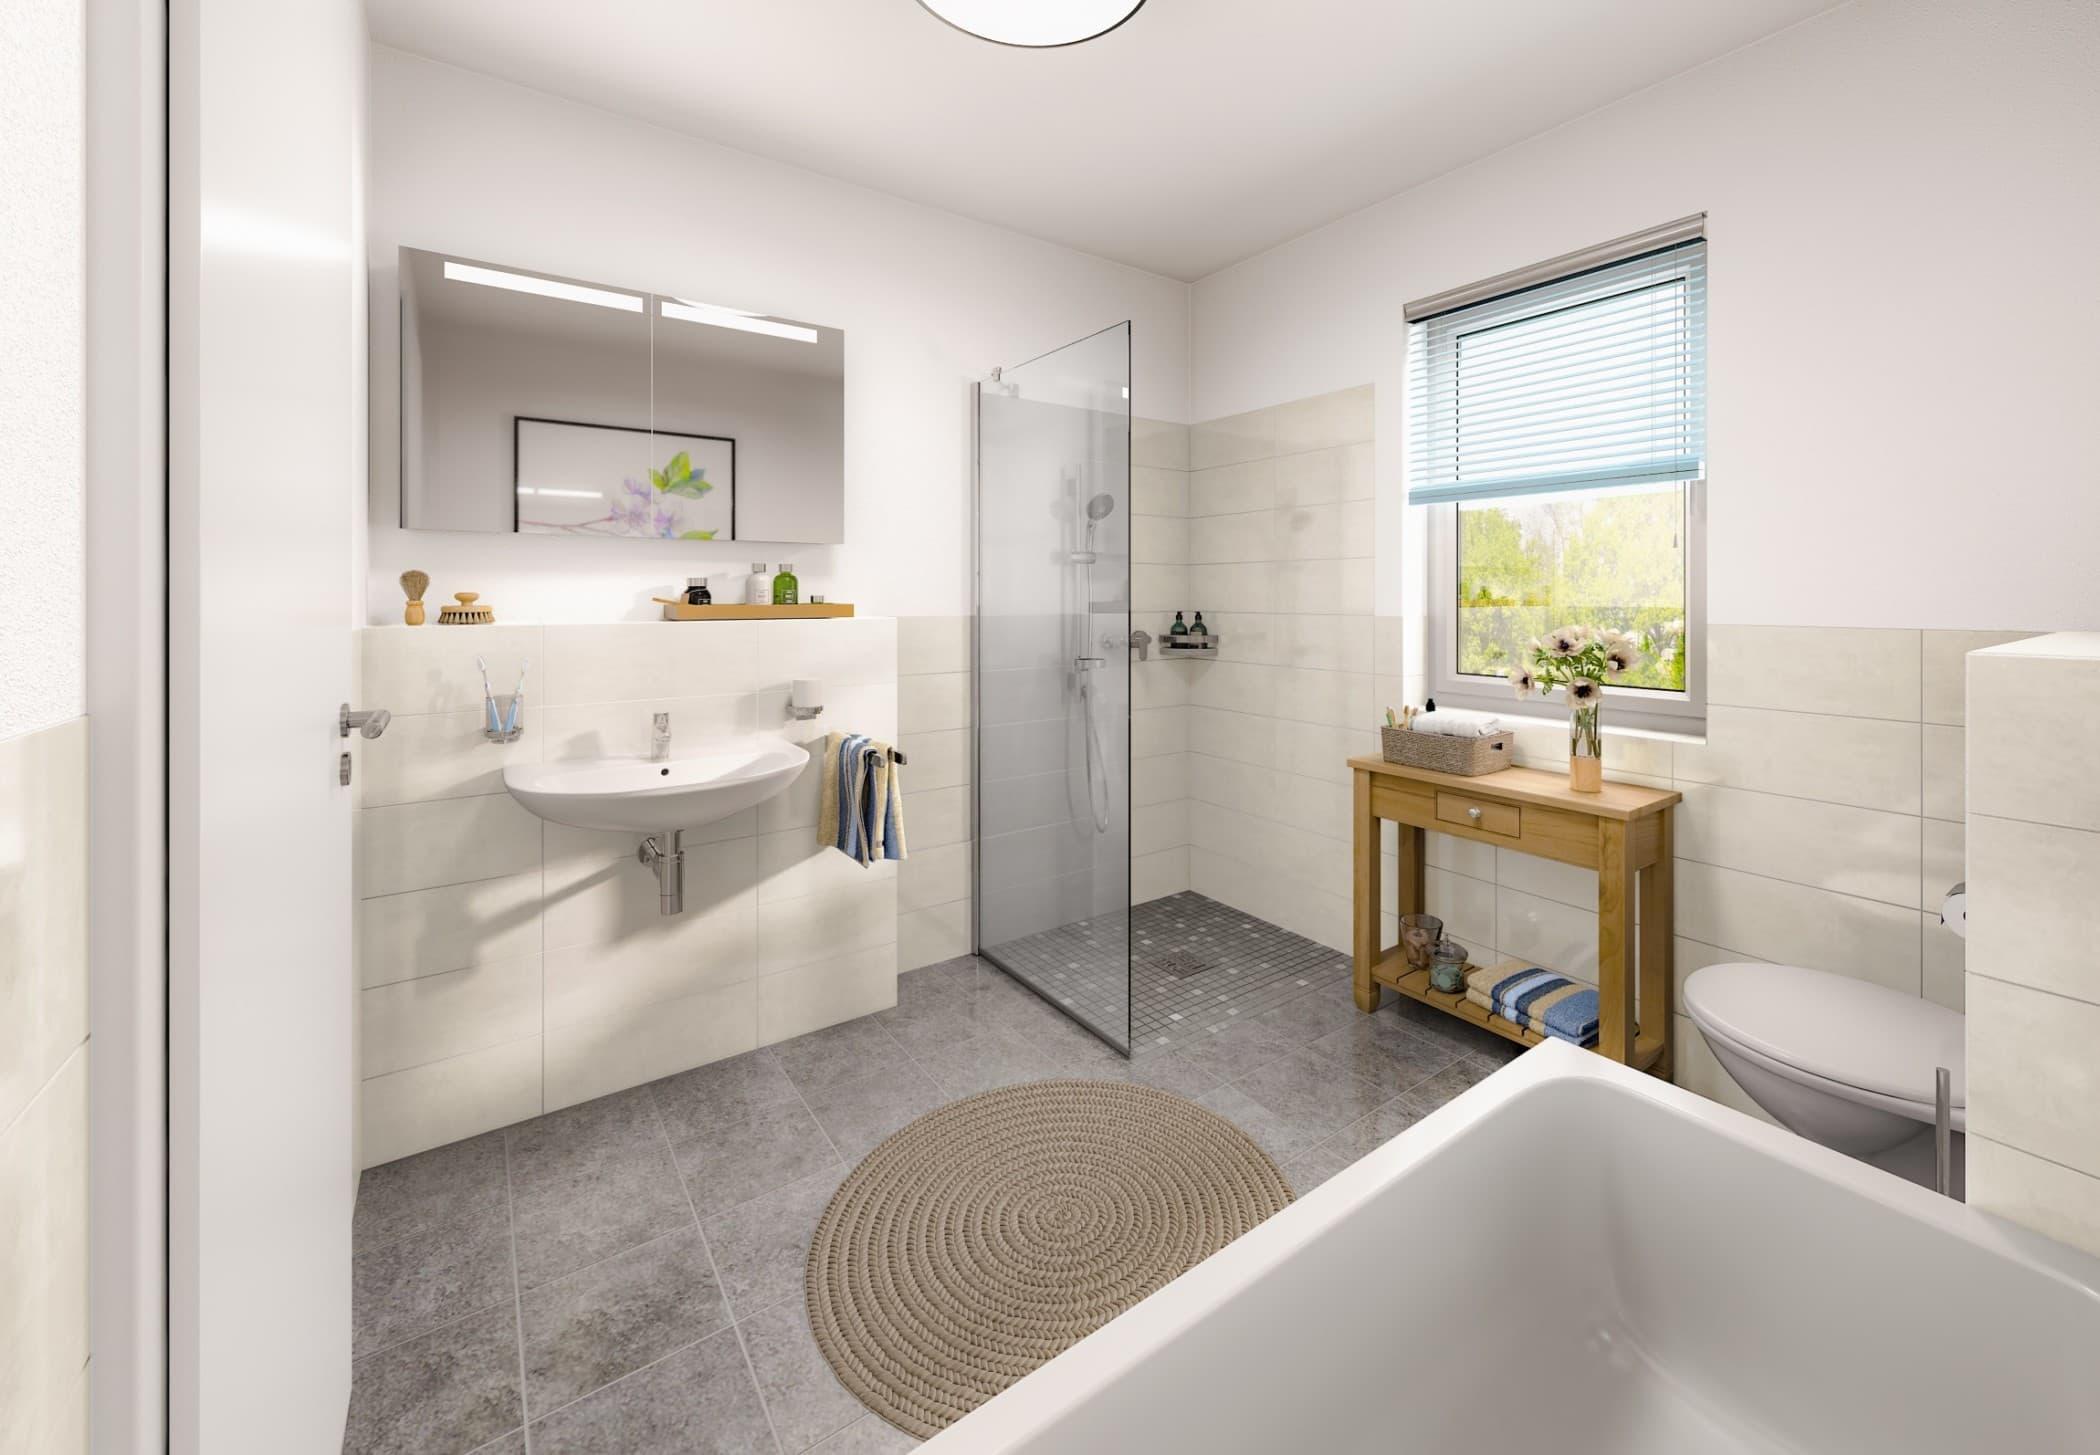 Badezimmer barrierefrei mit bodengleicher Dusche - Einrichtung Bungalow Haus innen Ideen Town & Country Haus Bungalow 92 - HausbauDirekt.de